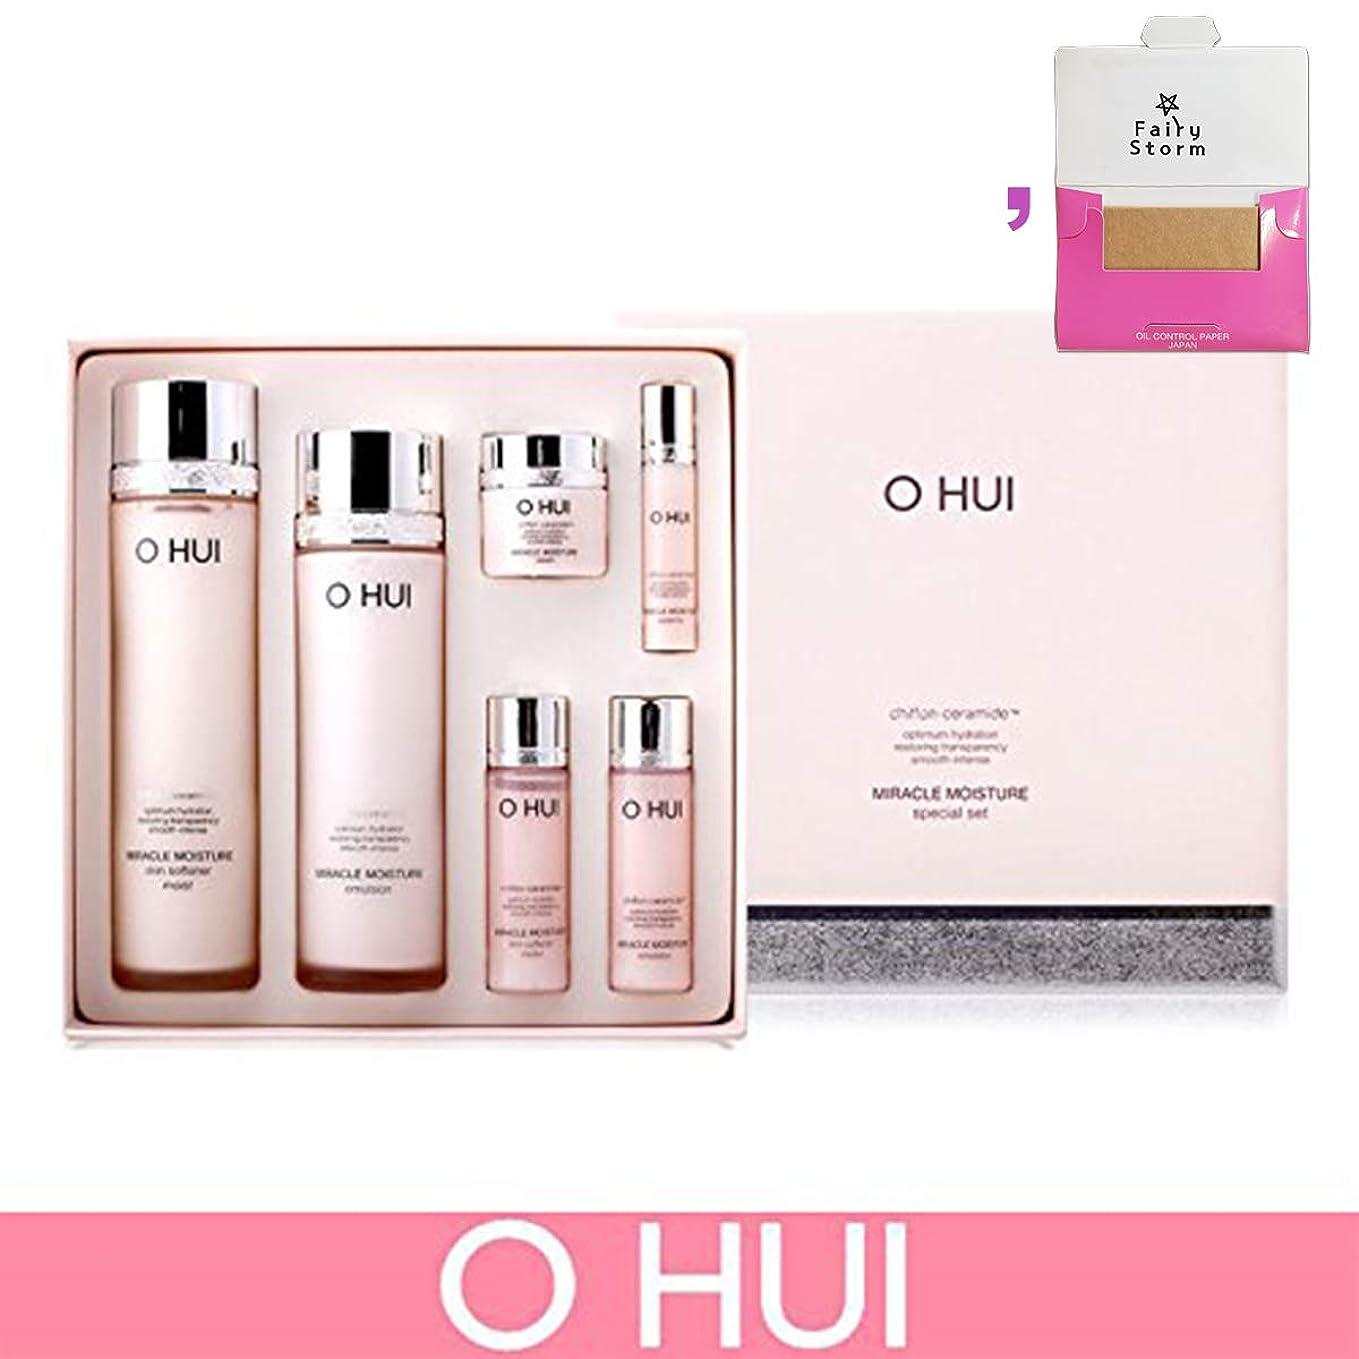 サークルどんなときもマスク[オフィ/O HUI] Ohui Miracle Moisture 2 PIECES Special Skincare Limited Edition/ミラクルモイスチャースペシャル限定版セット+ Sample Gift (海外直送品)